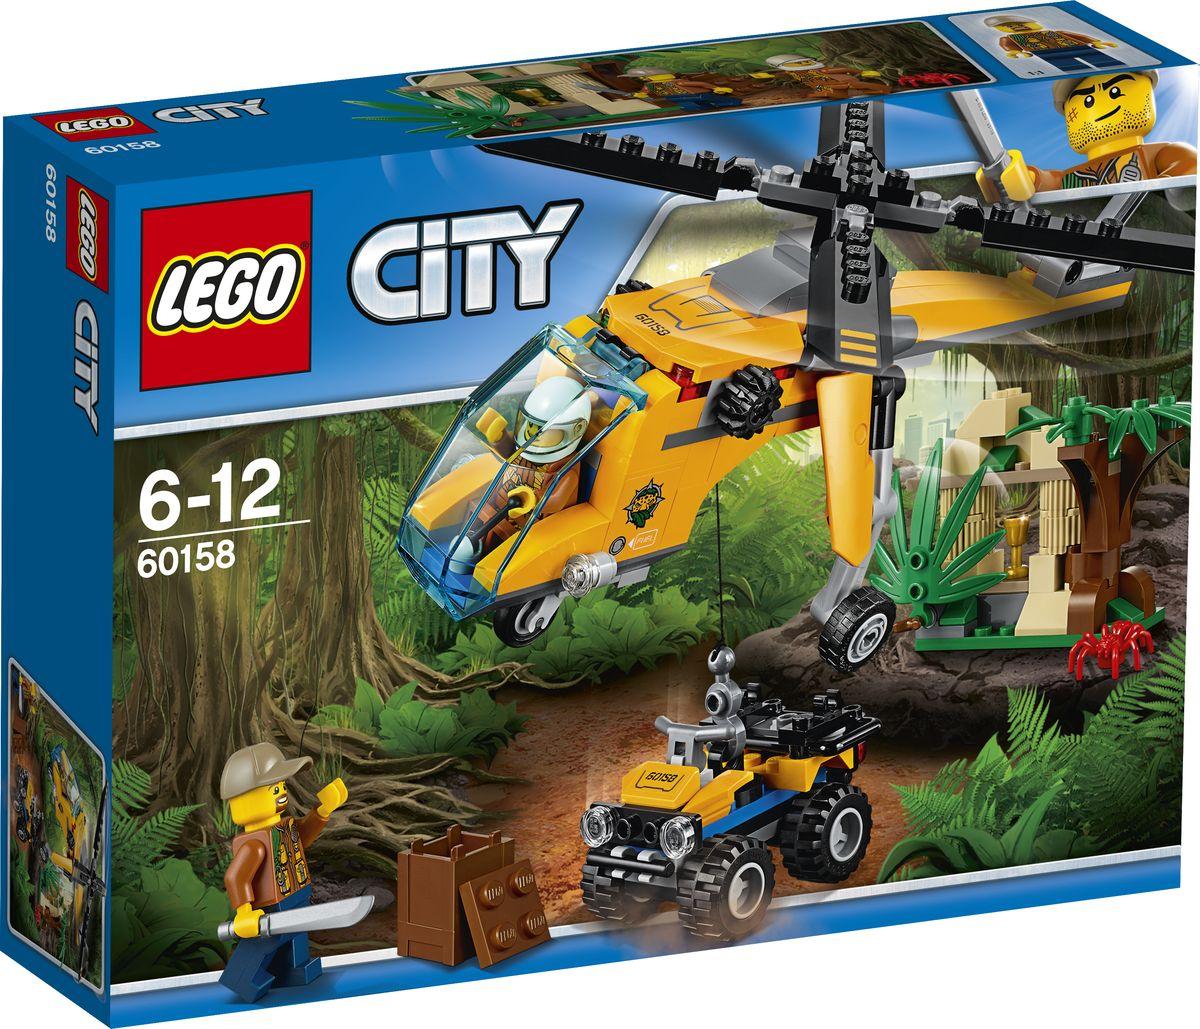 LEGO City Jungle Explorer Конструктор Грузовой вертолет исследователей джунглей 60158 конструктор lego city jungle explorer исследование джунглей 60159